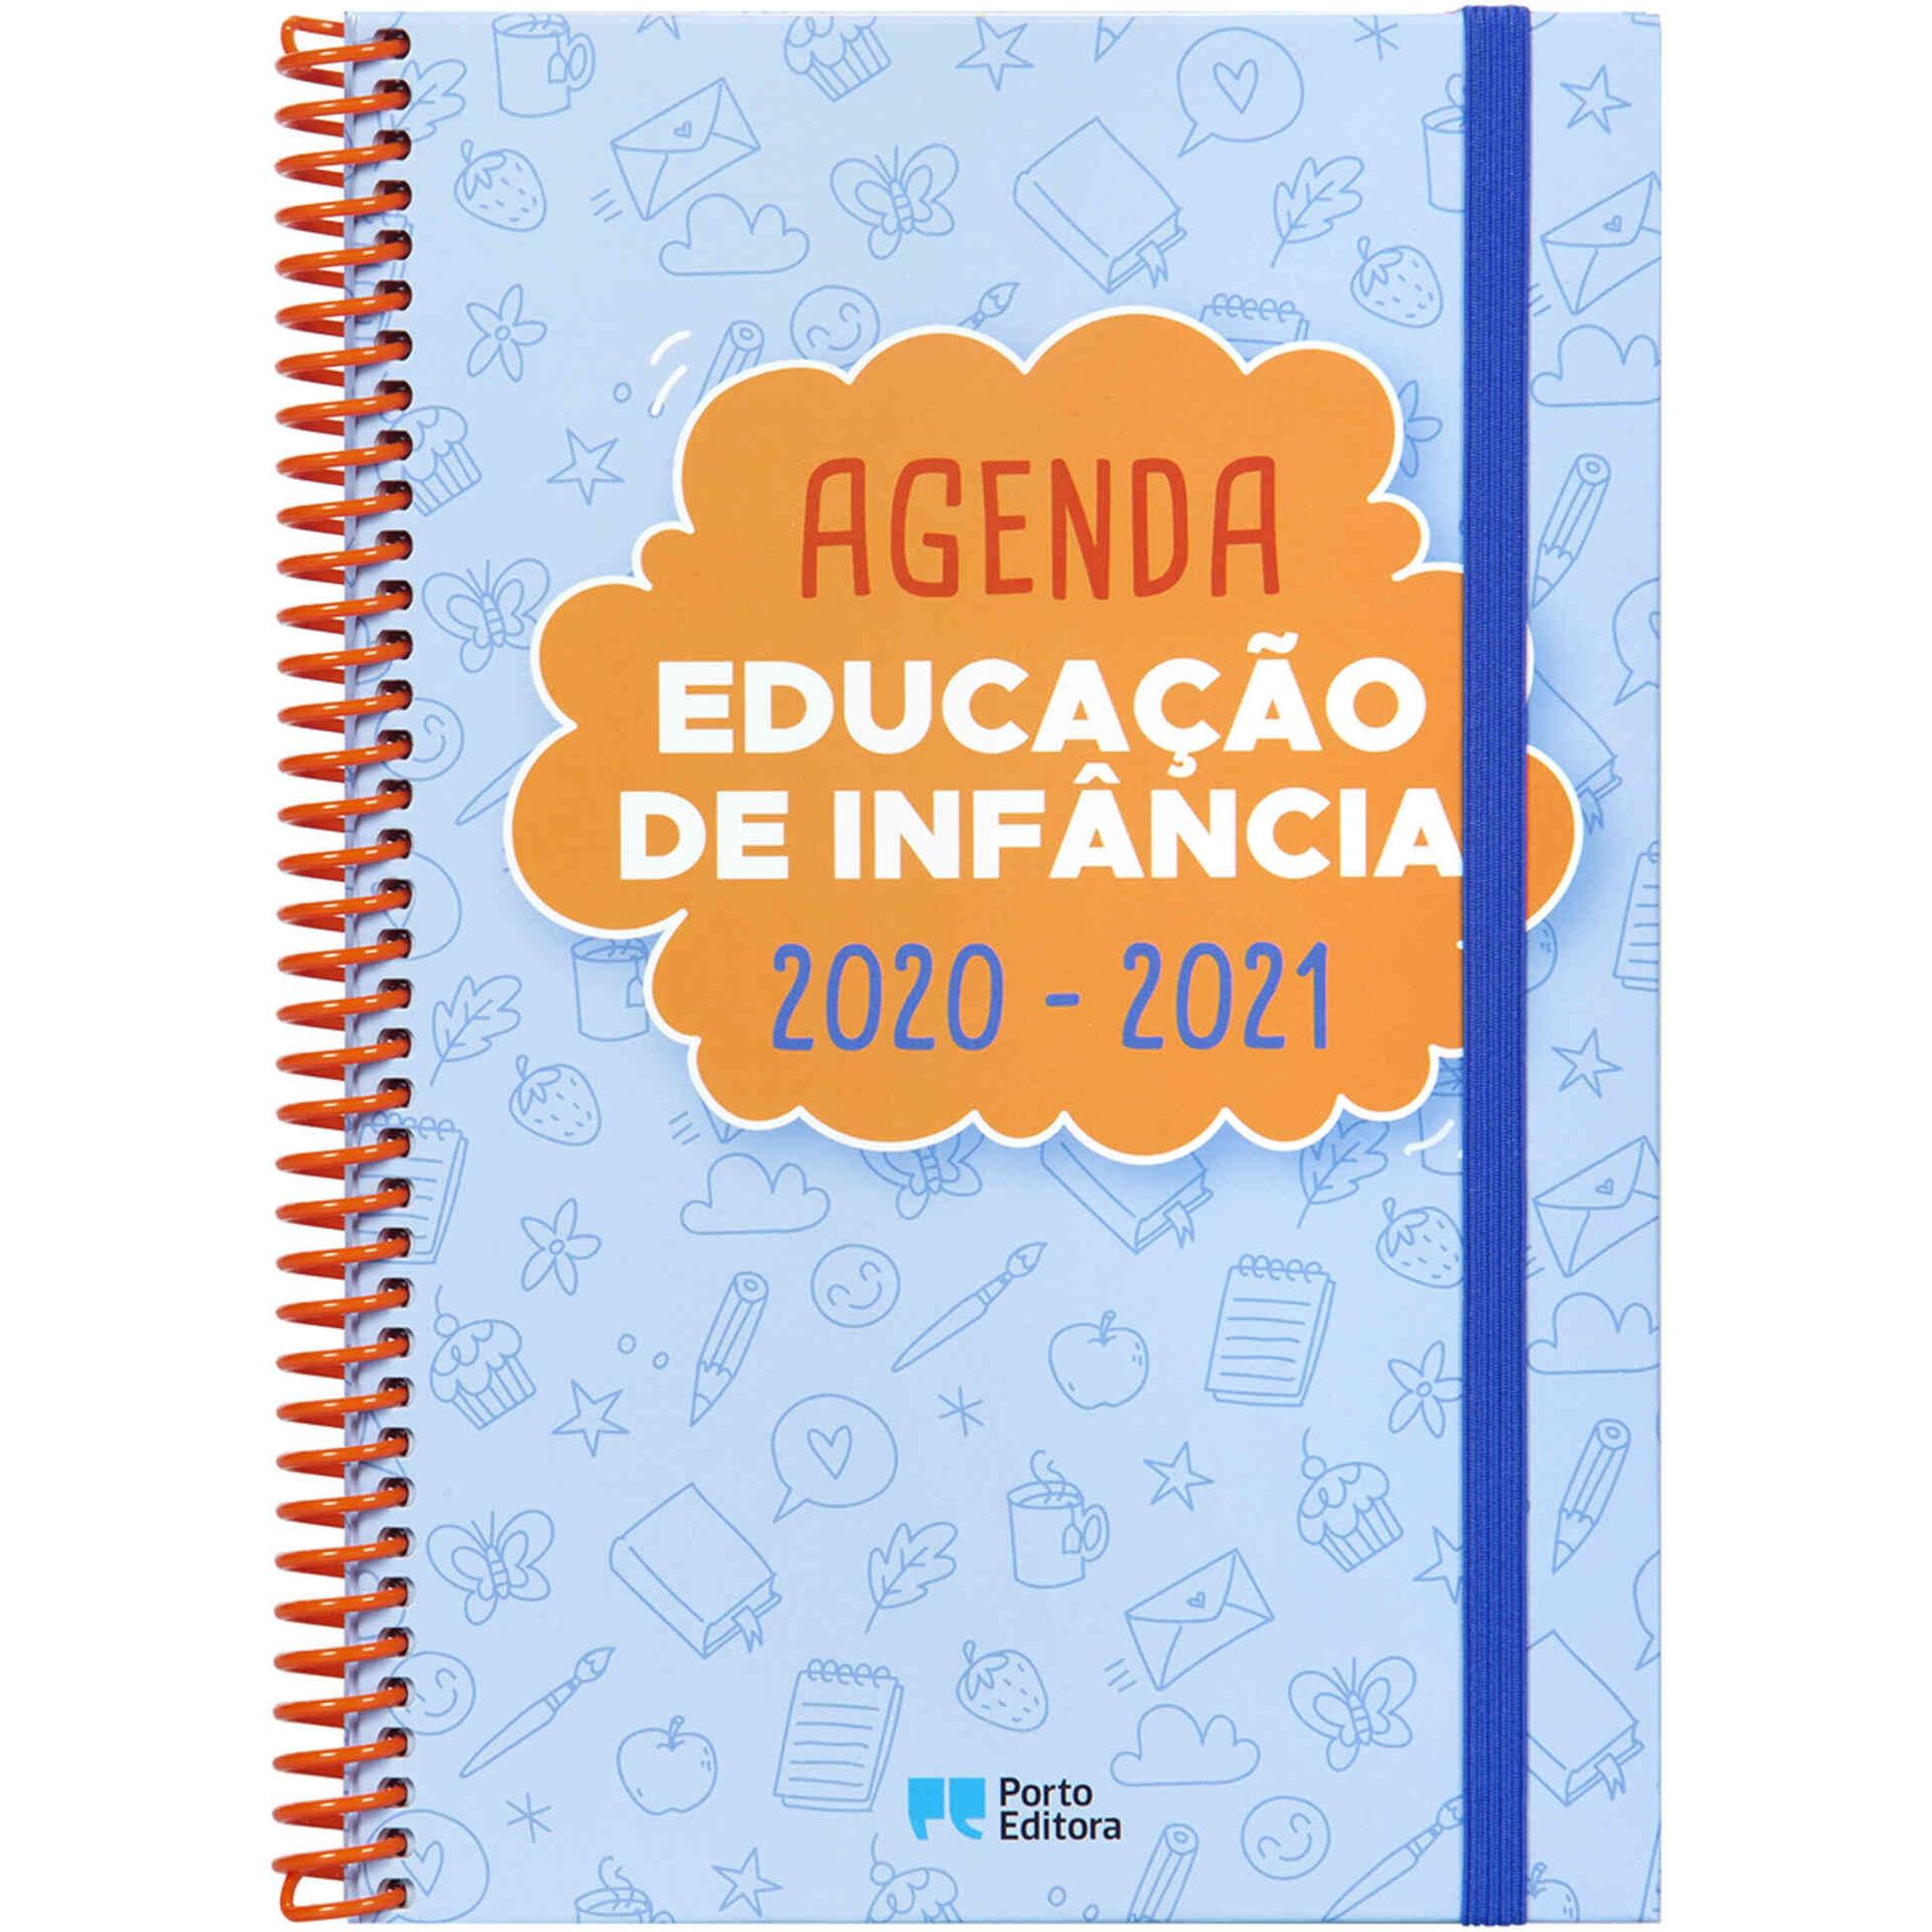 Agenda Educação de Infância - 2020/2021